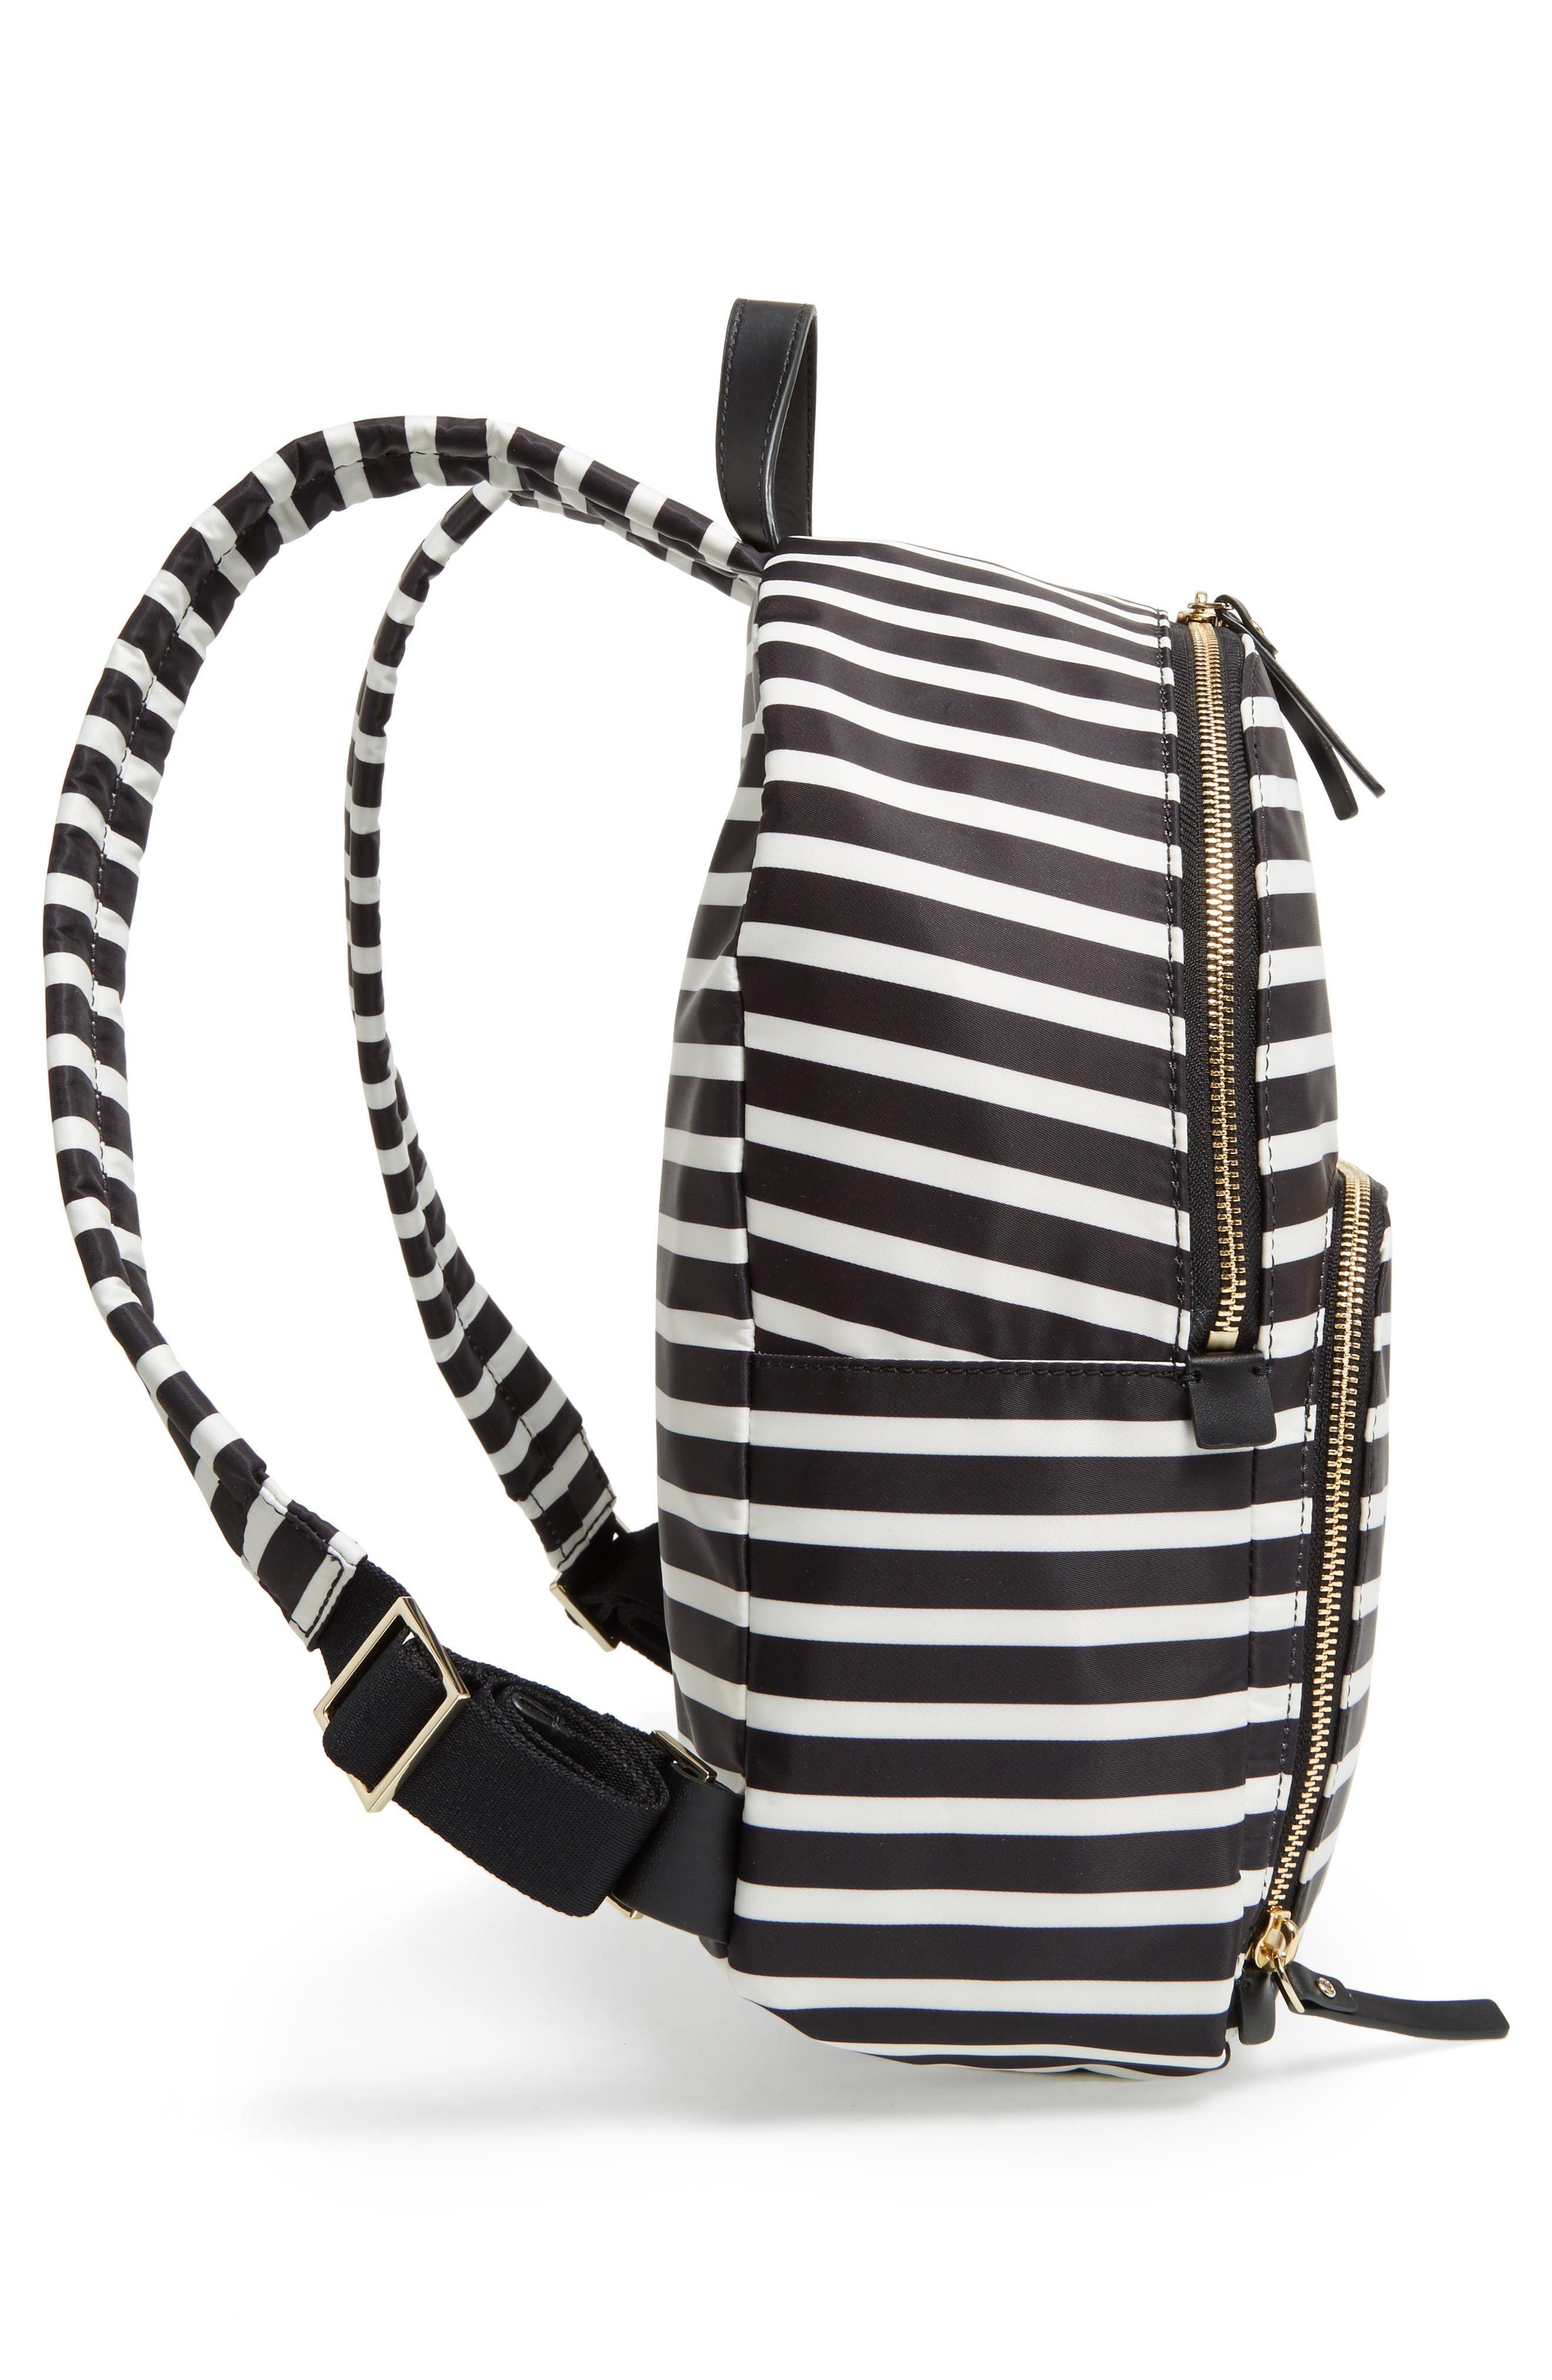 watson lane - hartley nylon backpack,                             Alternate thumbnail 5, color,                             Black/ Clotted Cream